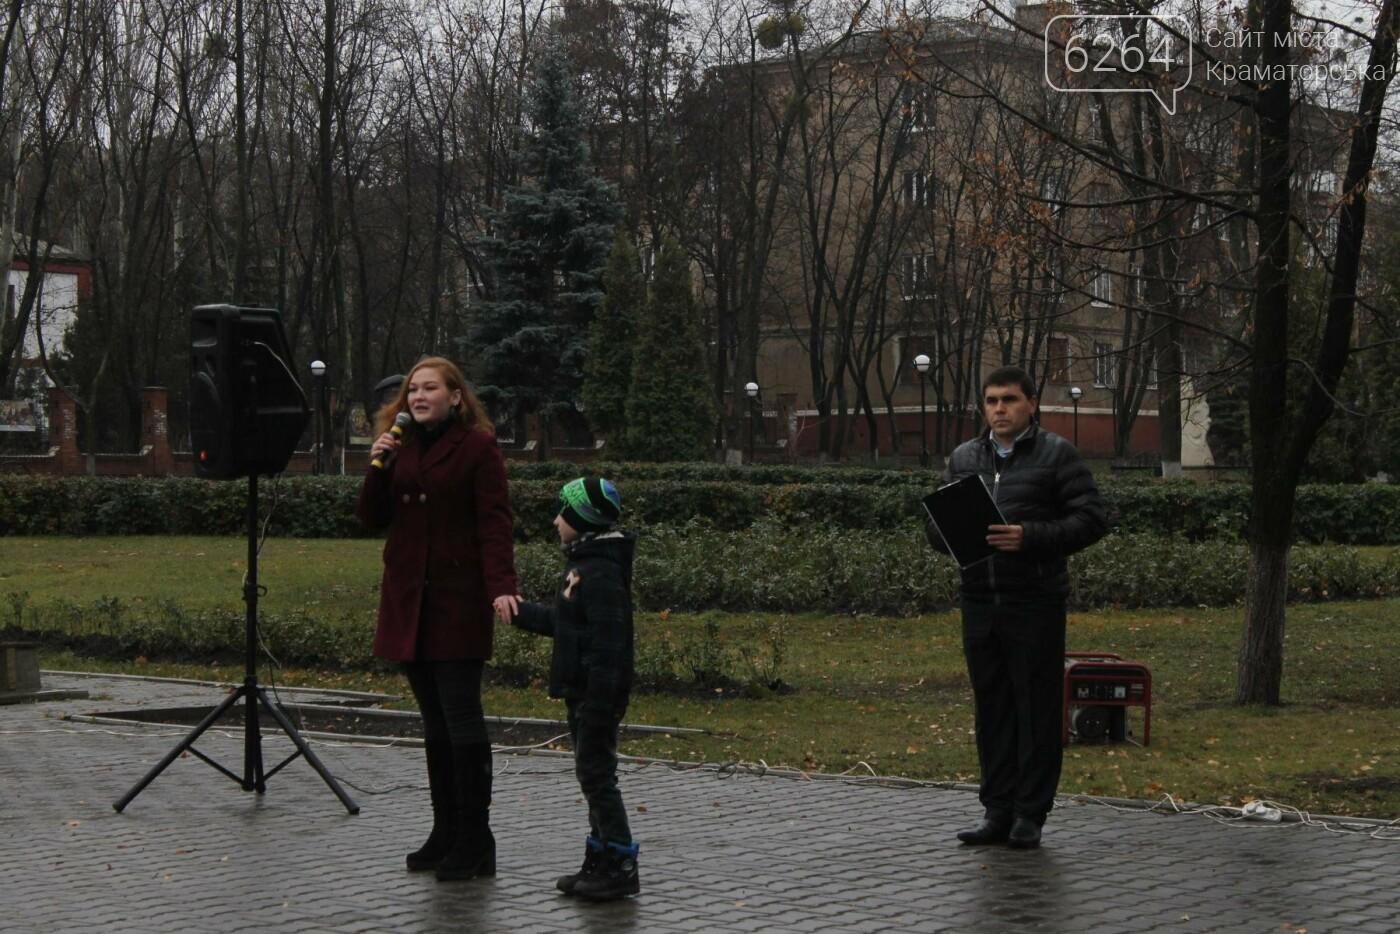 В Краматорске прошел митинг ко Дню Достоинства и Свободы, фото-2